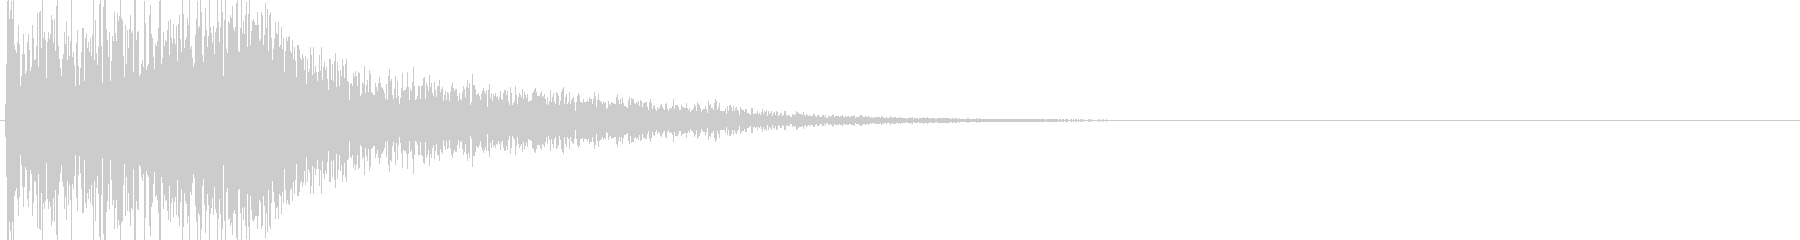 ジャラン(決定音、起動音、ゲームアプリ)の未再生の波形